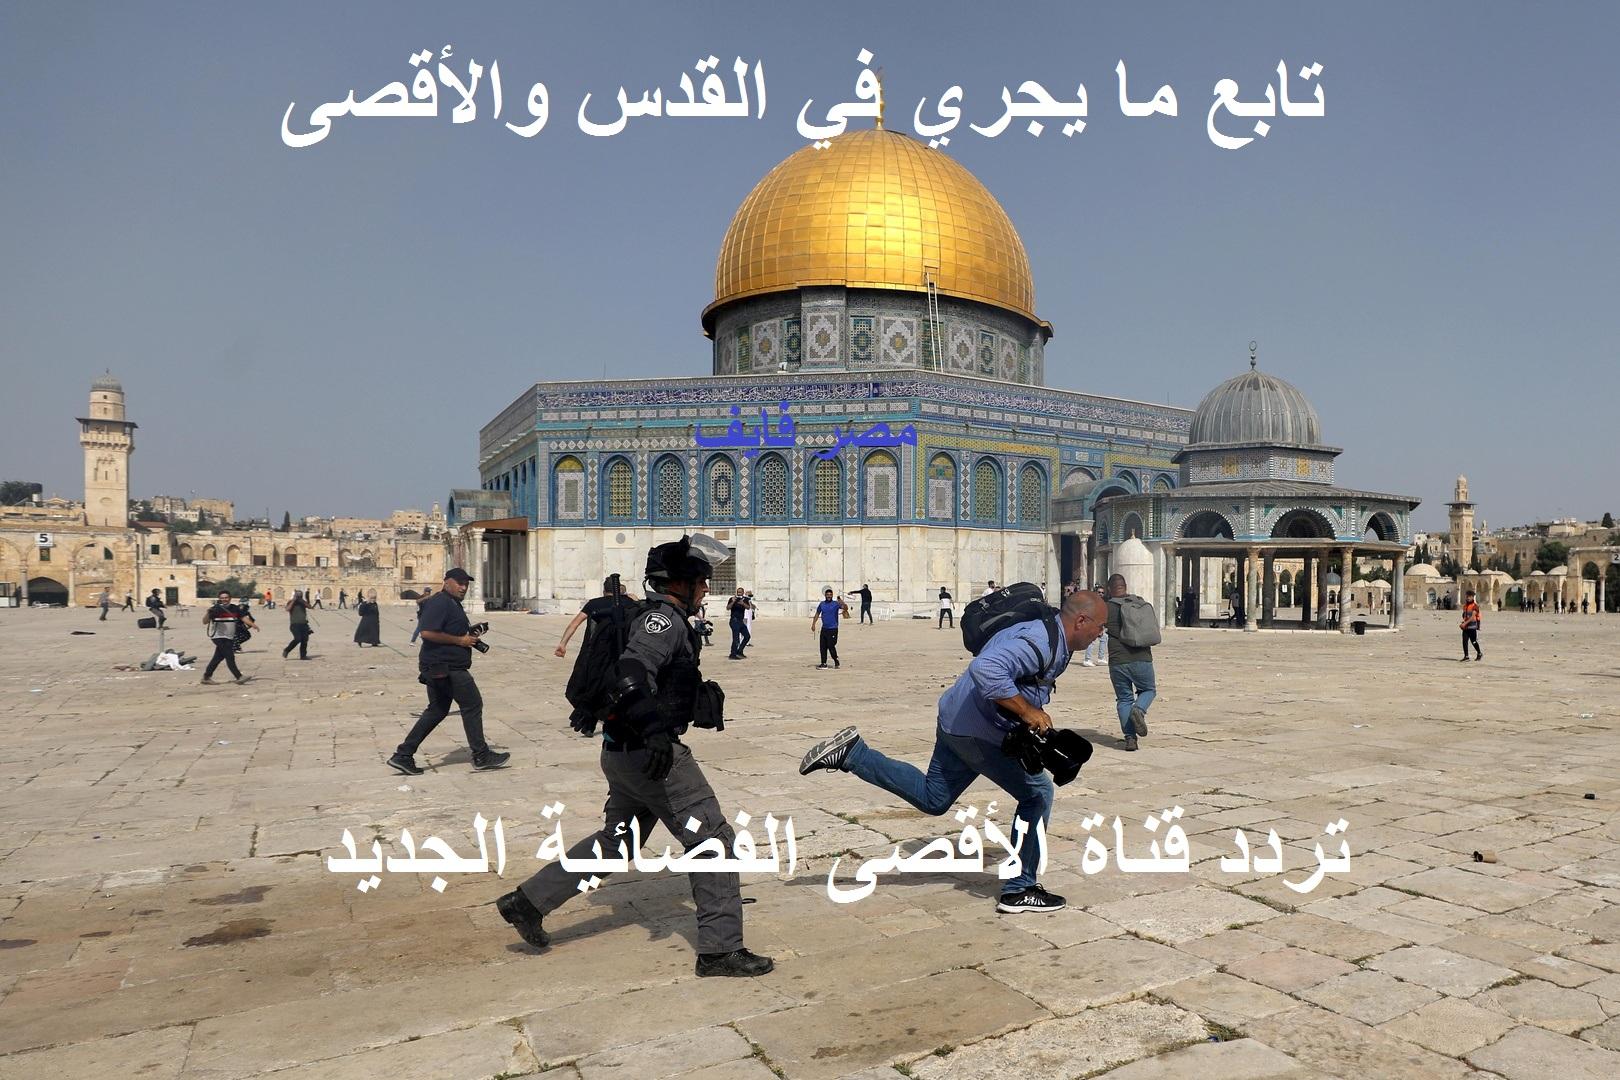 تردد قناة الأقصى الجديد 2021 لمتابعة أحداث فلسطين والقدس والمسجد الأقصى